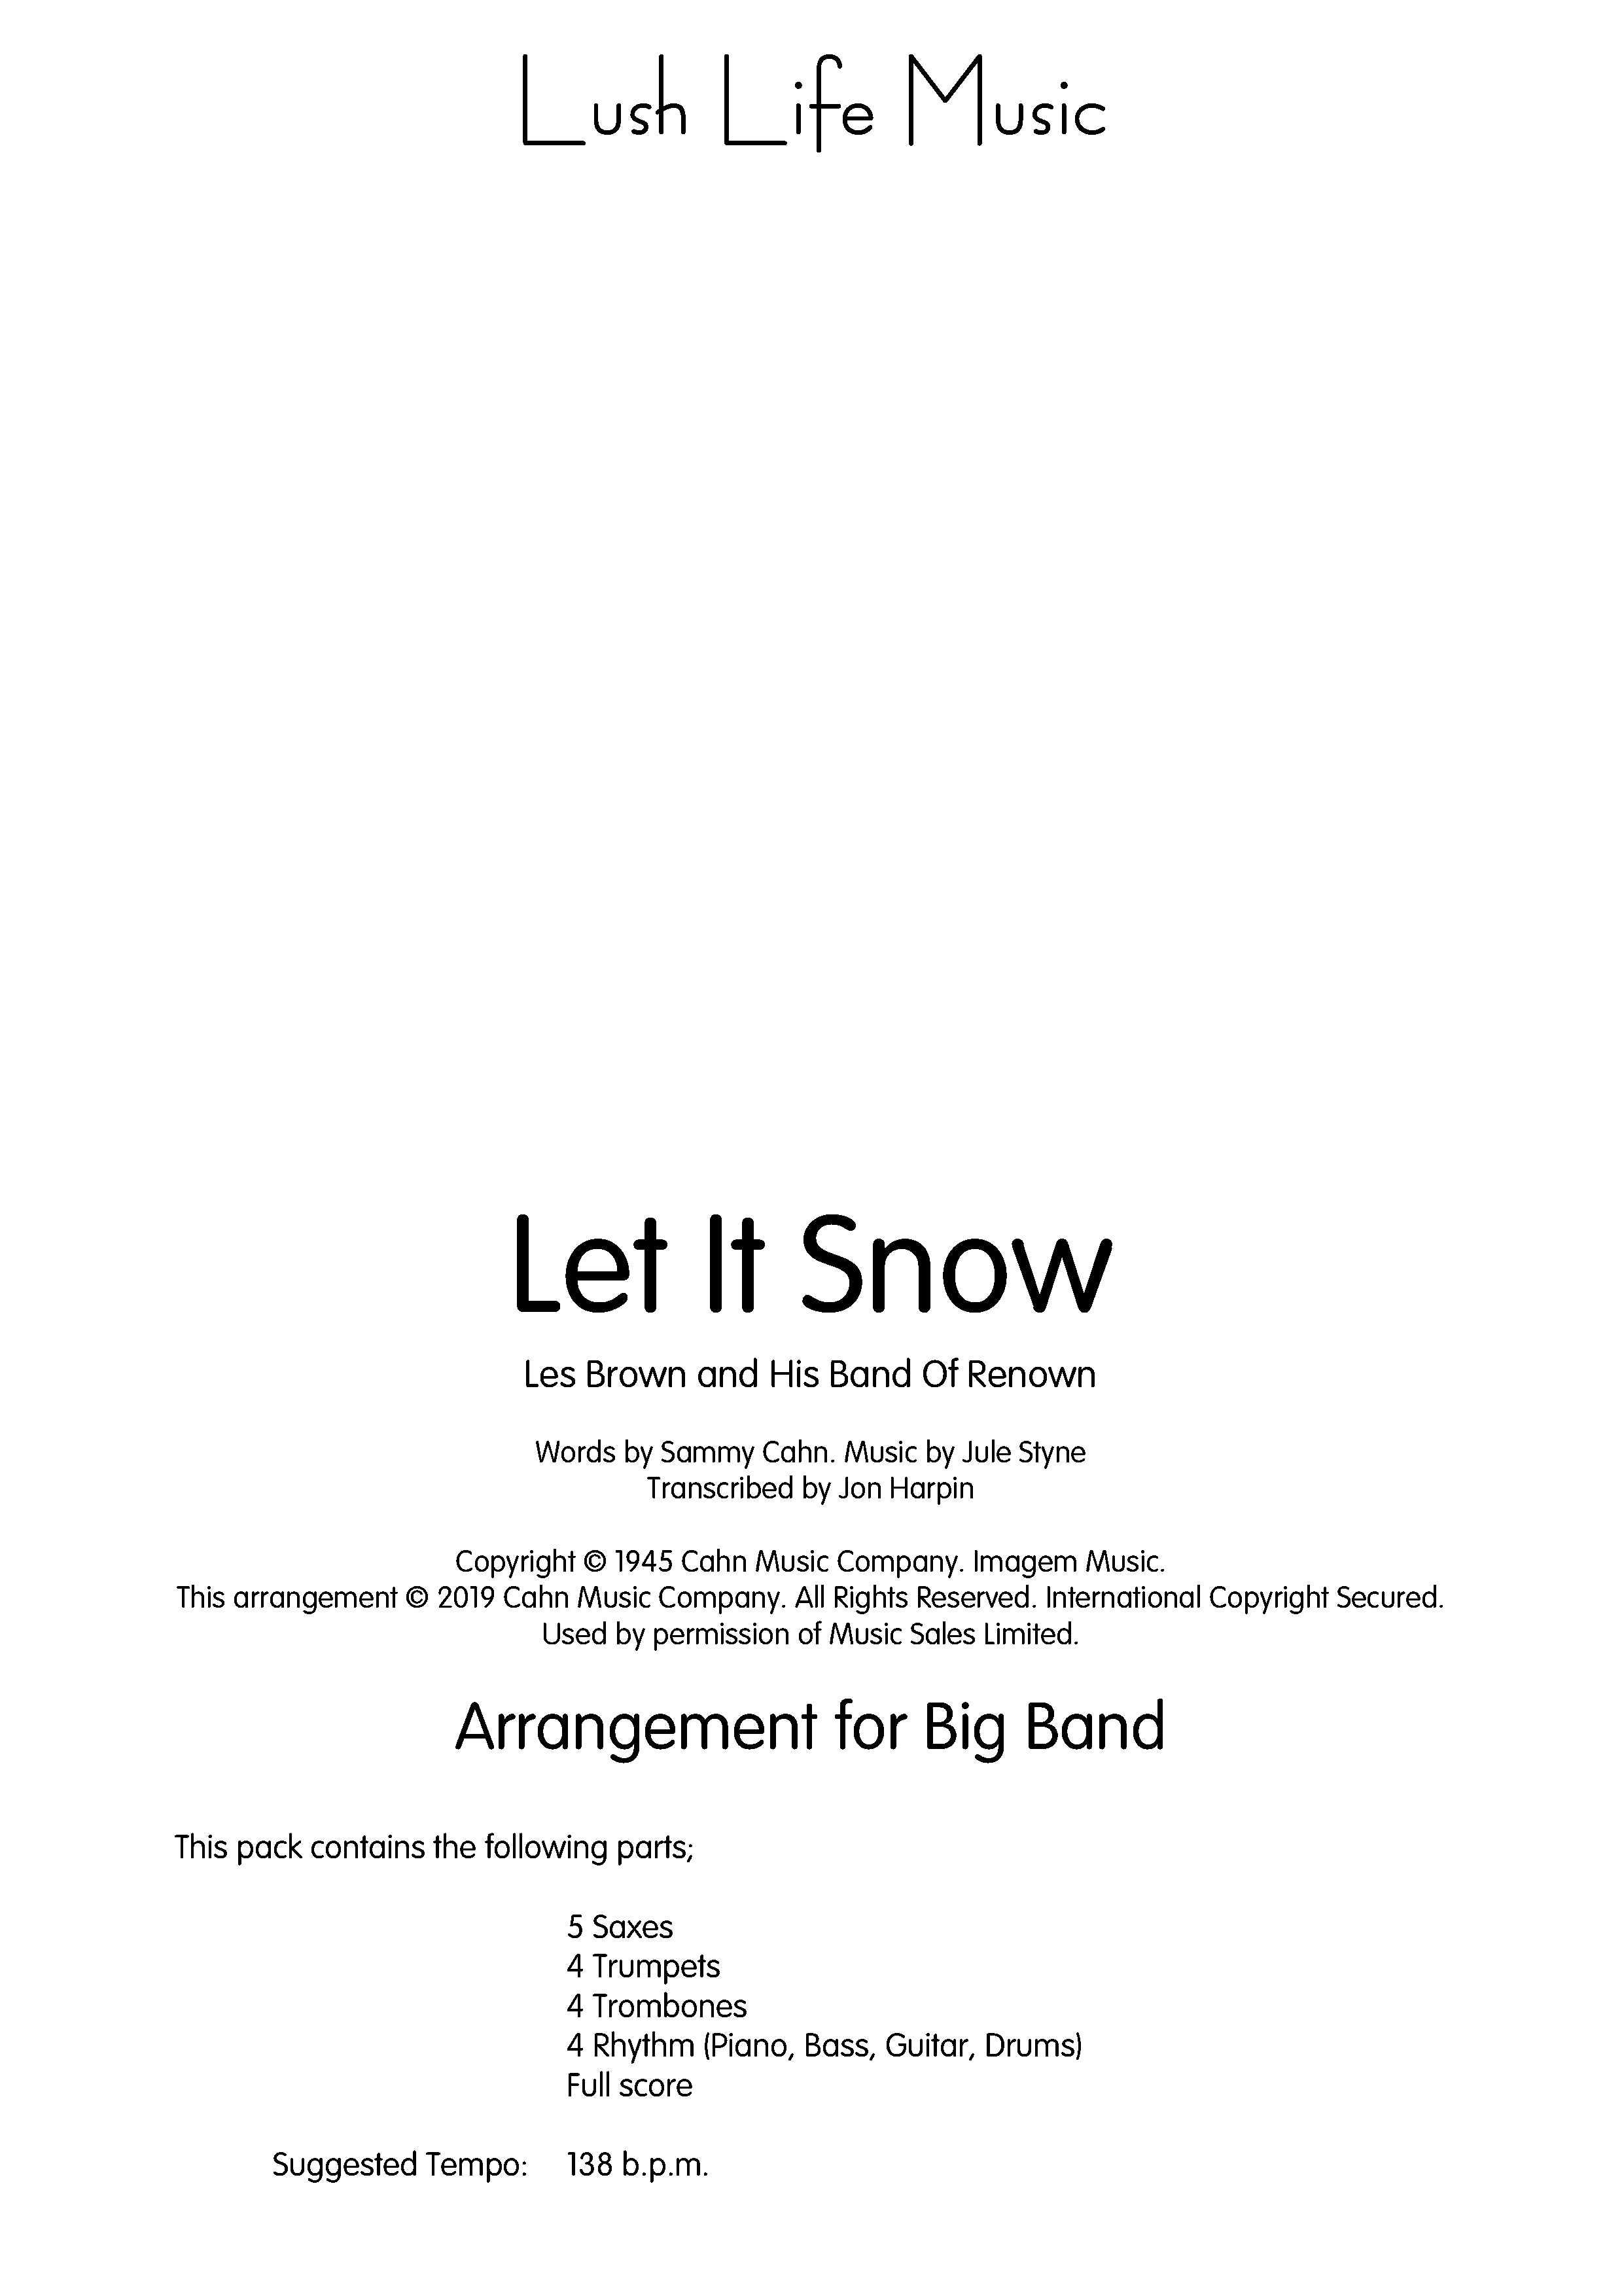 Let it Snow (Jazz Ensemble - Score and Parts)